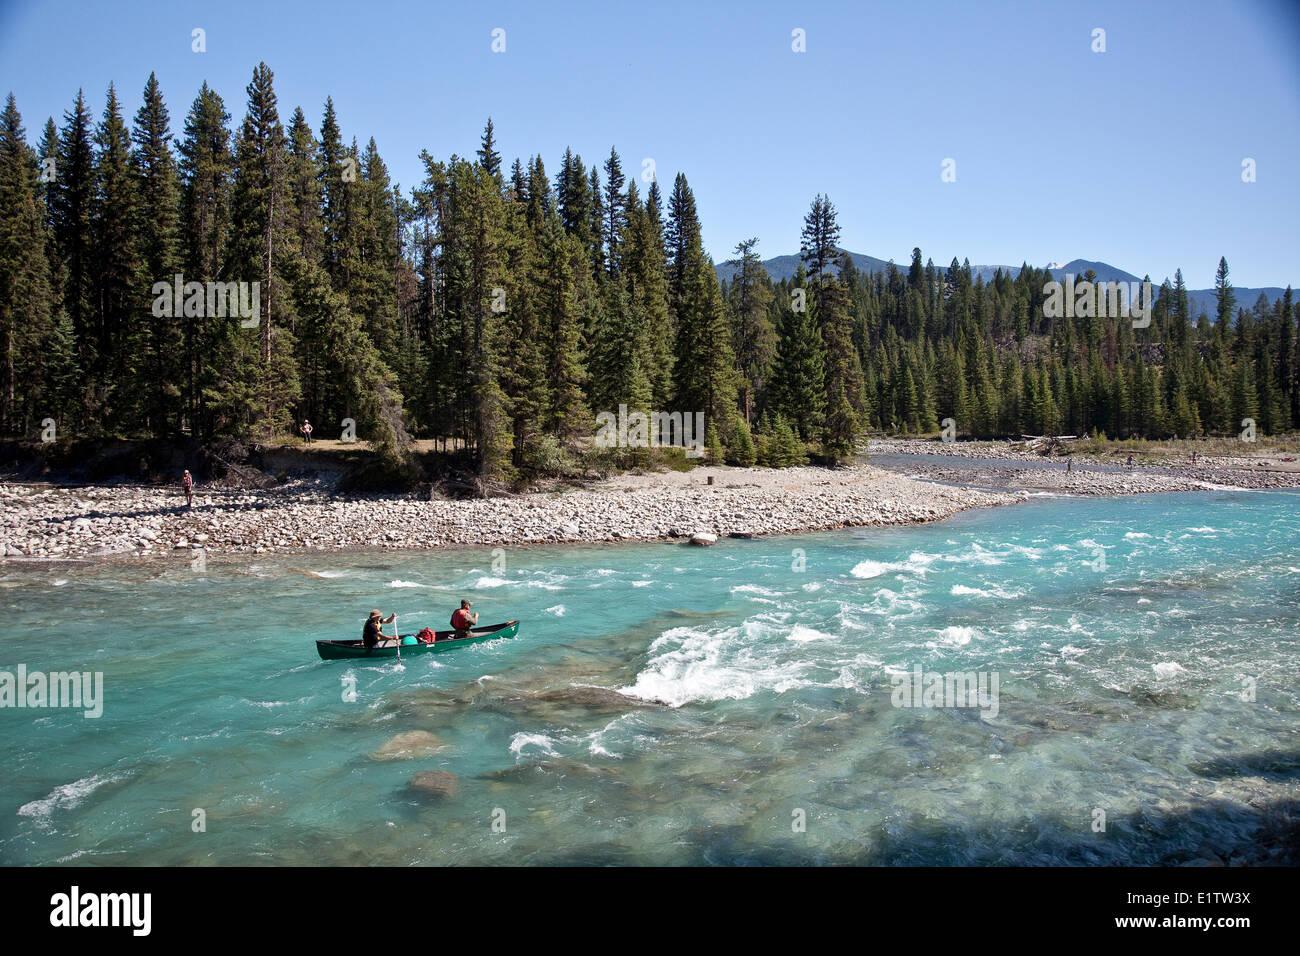 Two men paddle canoe on Kootenay River, Kootenay National Park, BC, Canada. - Stock Image